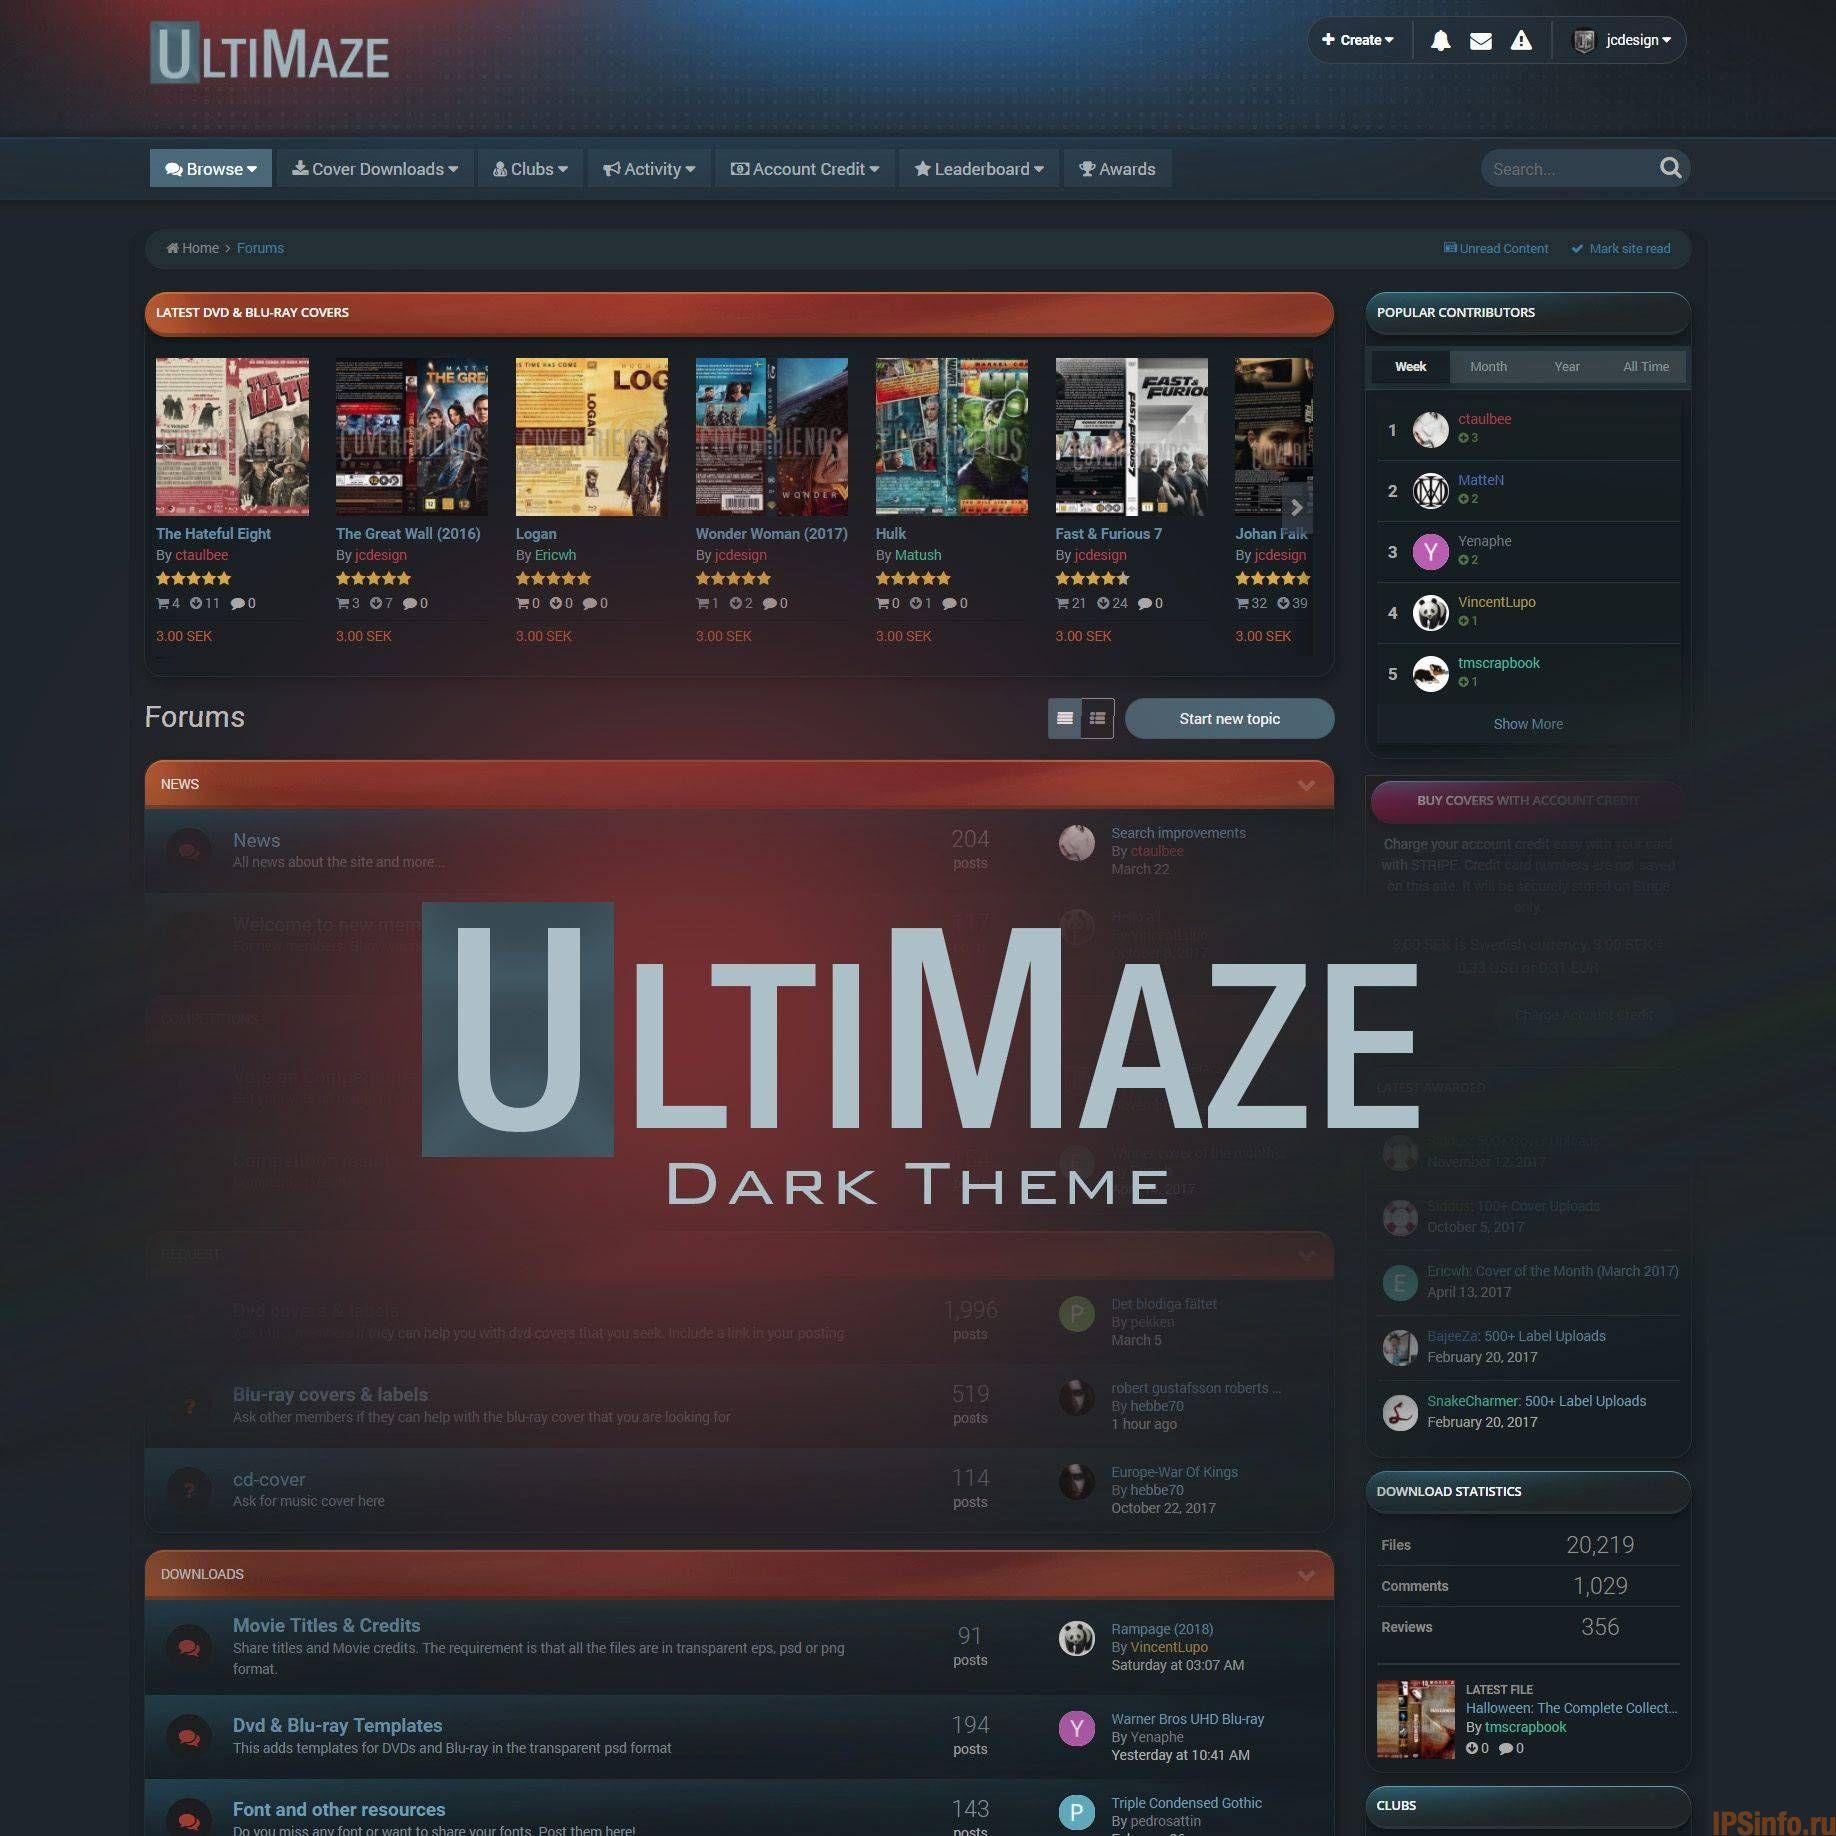 UltiMaze Dark theme